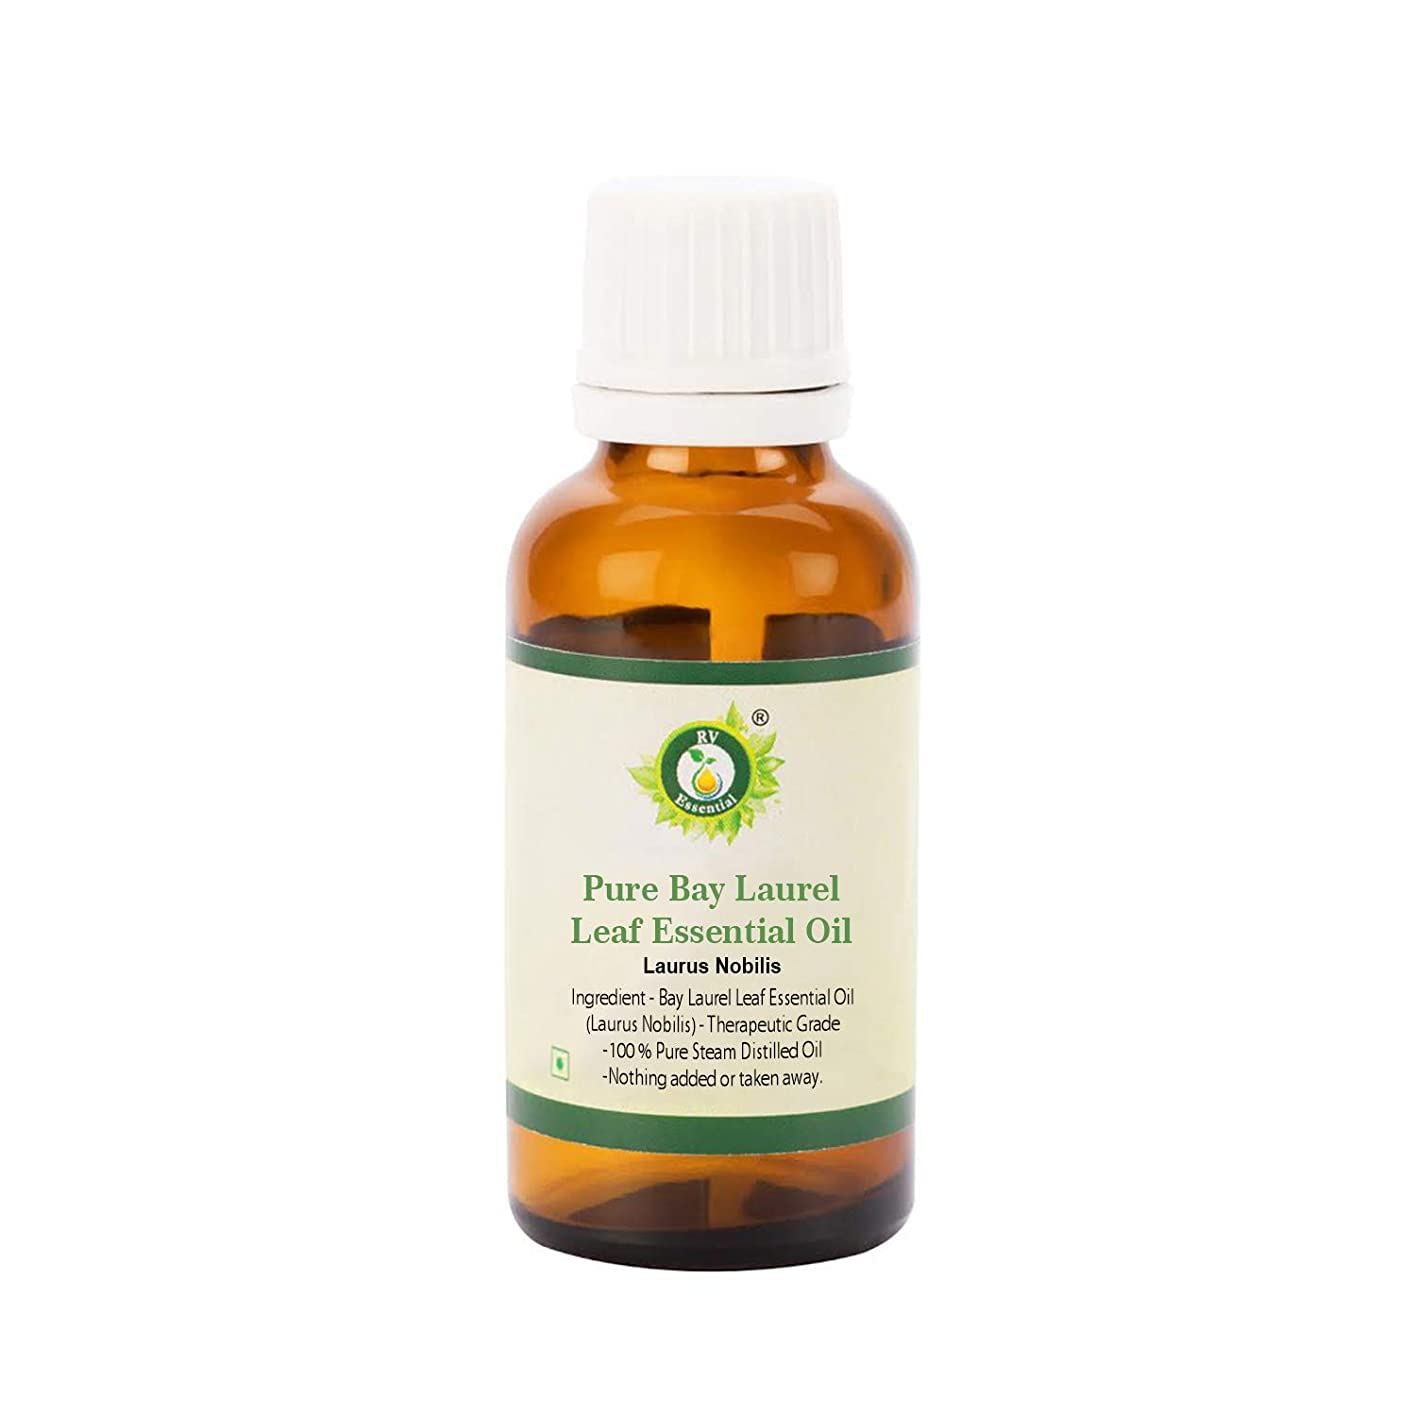 卒業ノベルティ粘液R V Essential ピュアベイローレル Leaf エッセンシャルオイル100ml (3.38oz)- Laurus Nobilis (100%純粋&天然スチームDistilled) Pure Bay Laurel Leaf Essential Oil